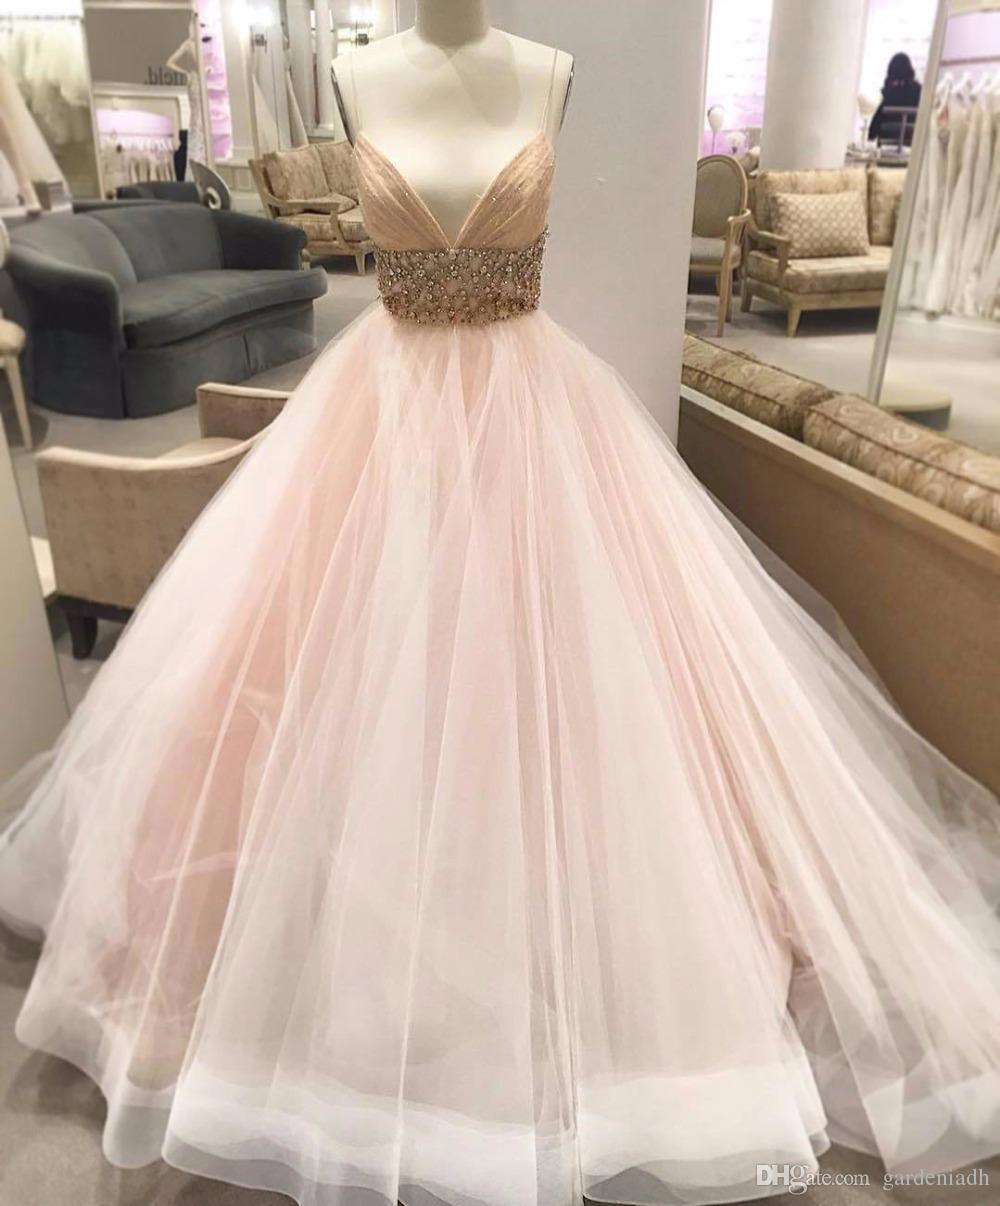 Drop Waist Wedding Dress Pink Blush Ball Gown 2017